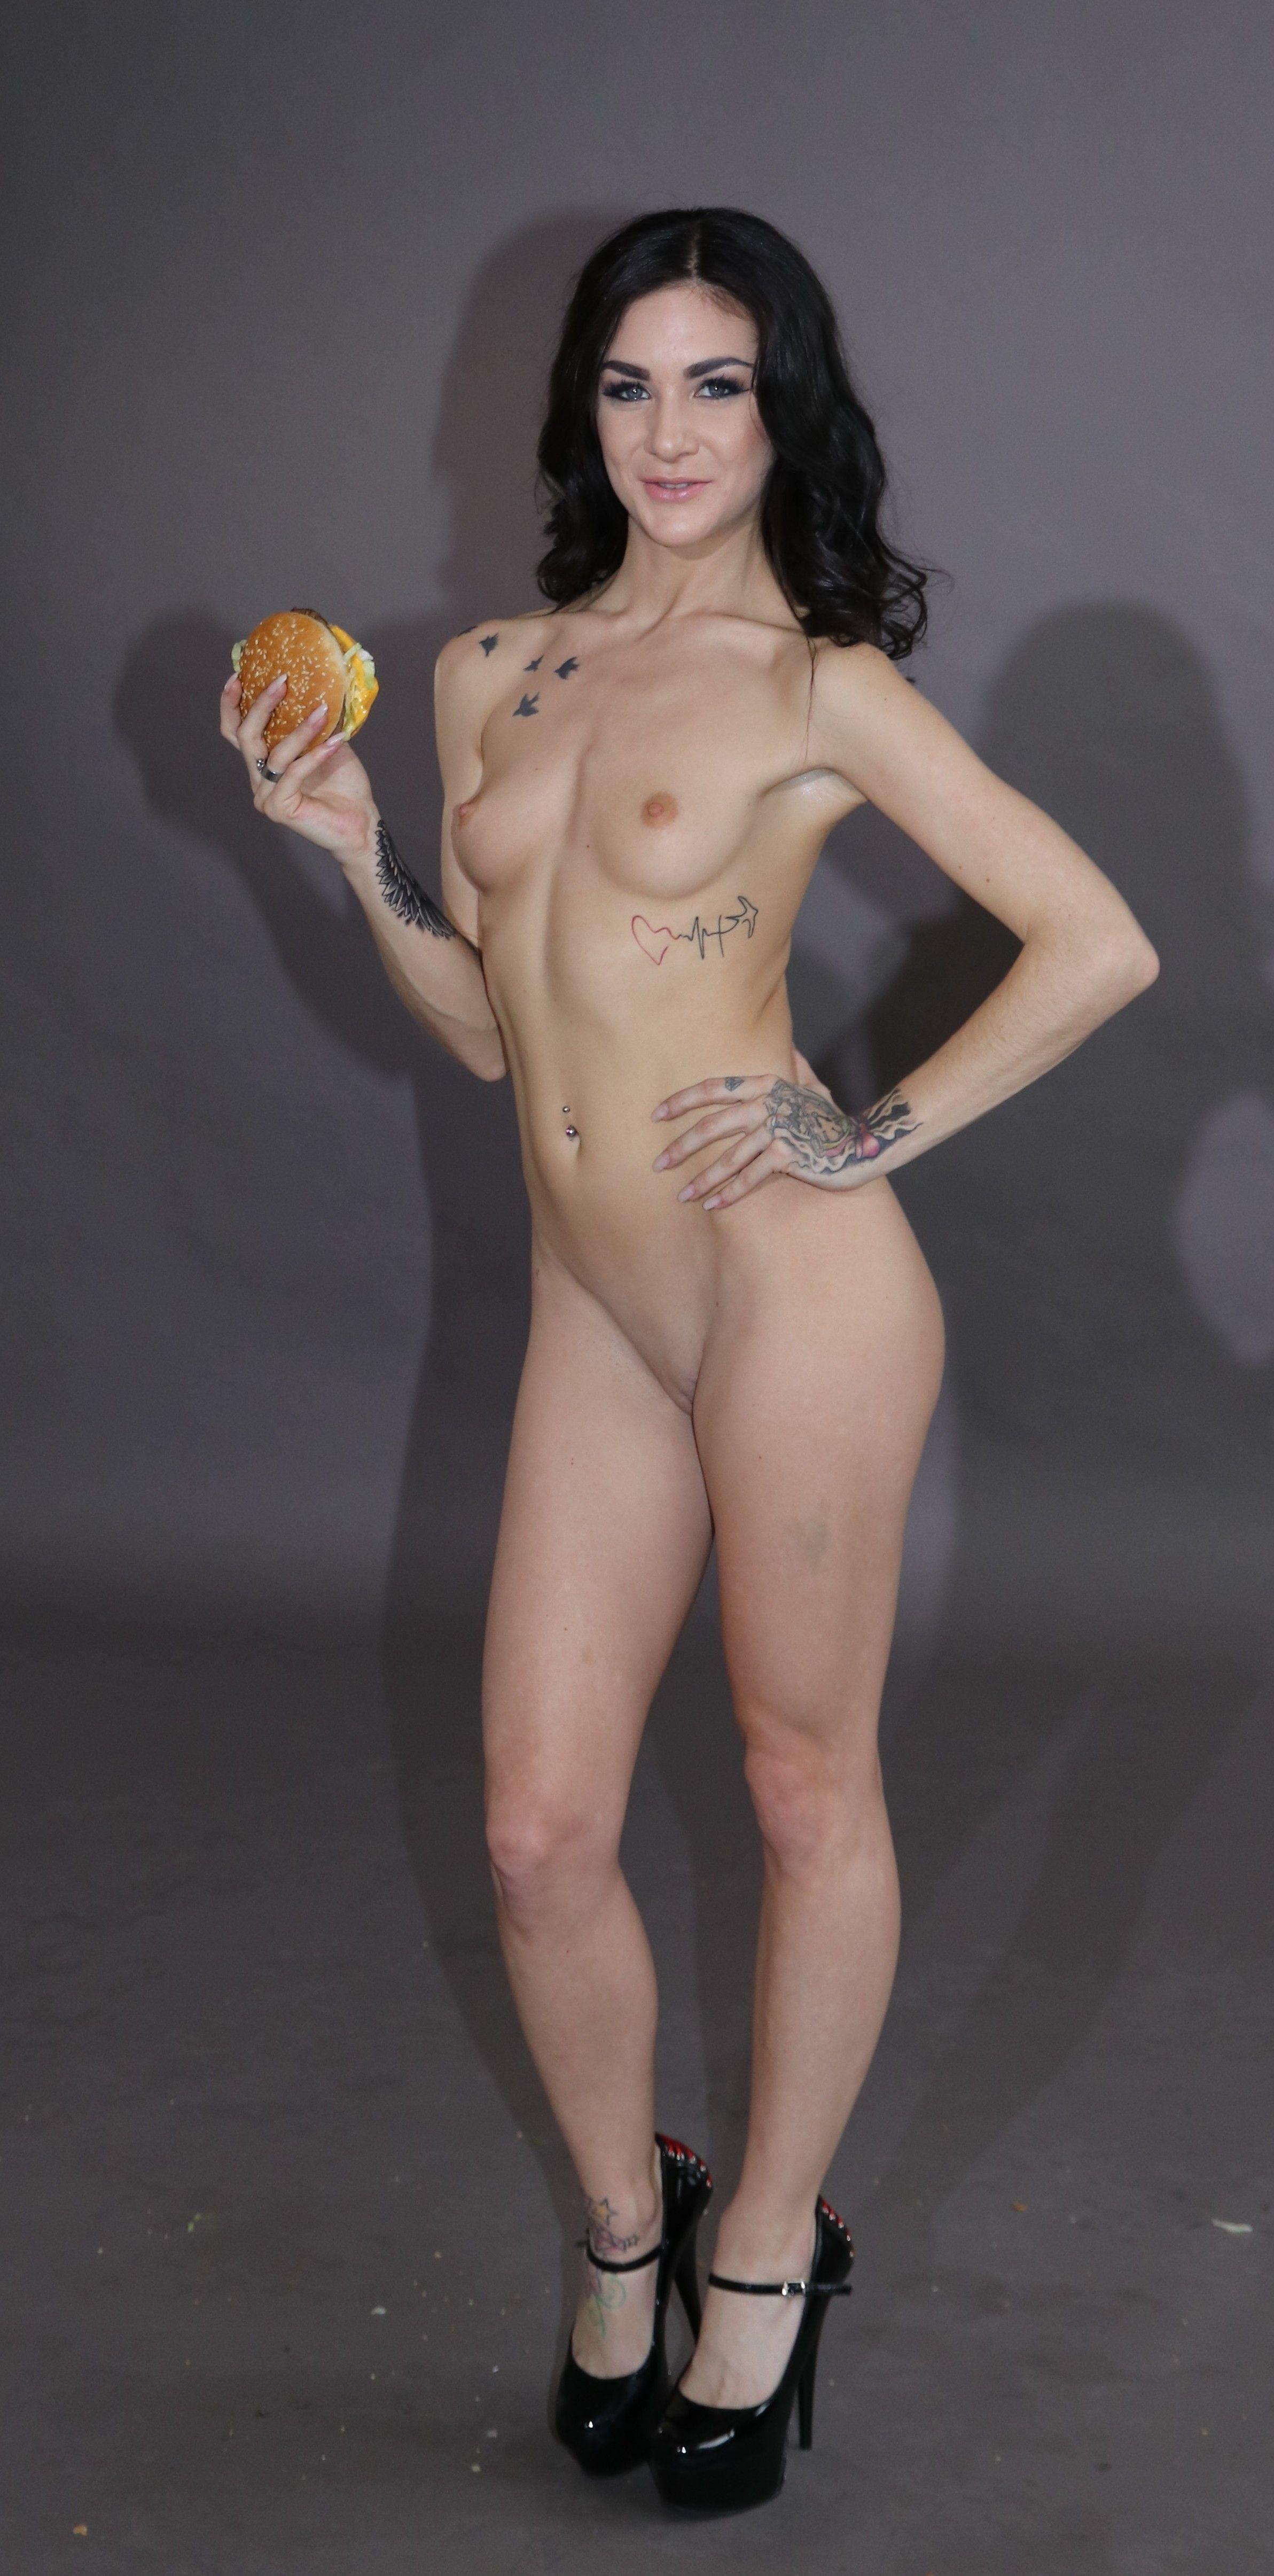 jackyvalentine nude